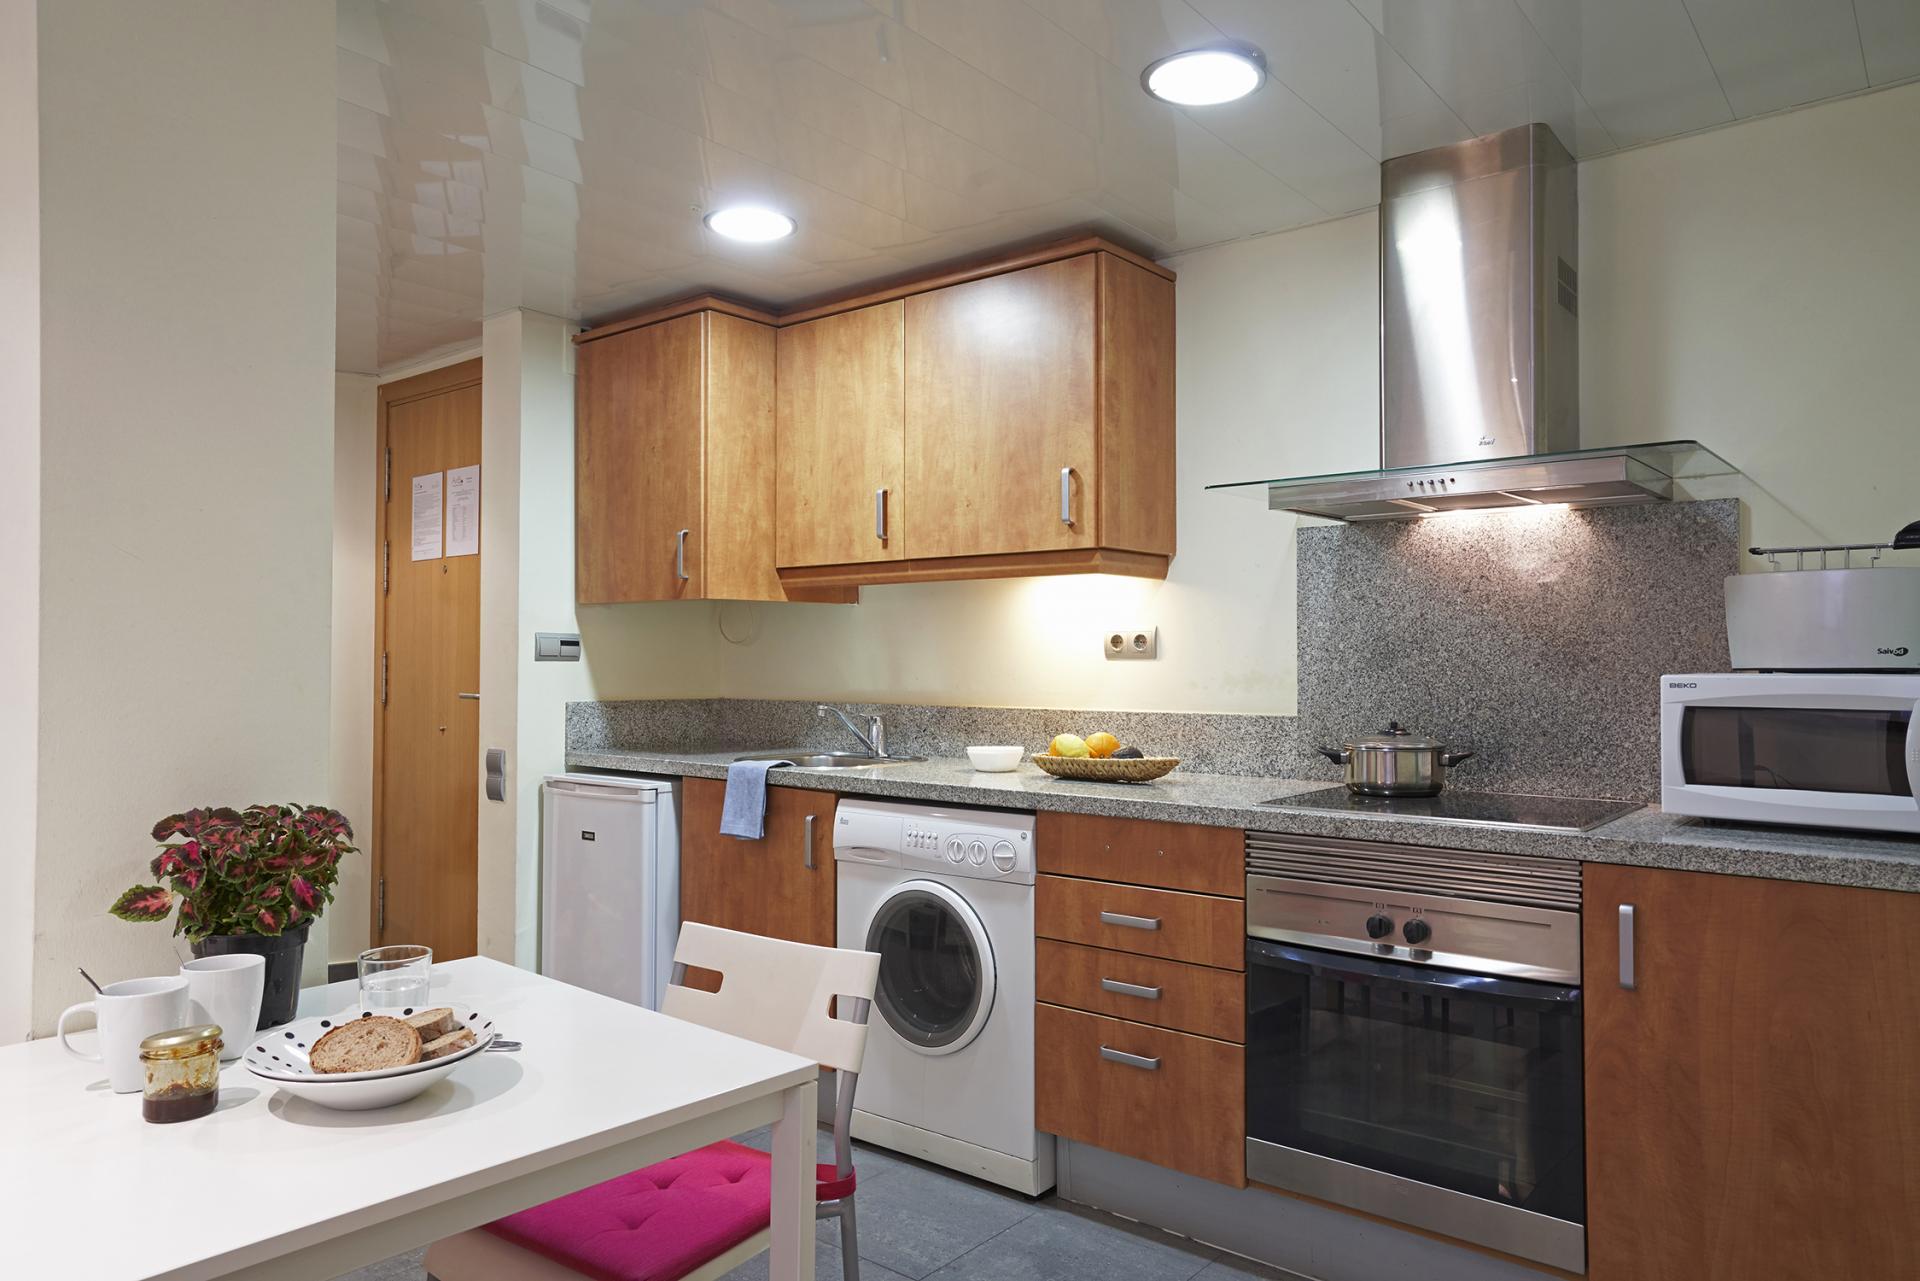 Oven at Universidad Apartments - Citybase Apartments